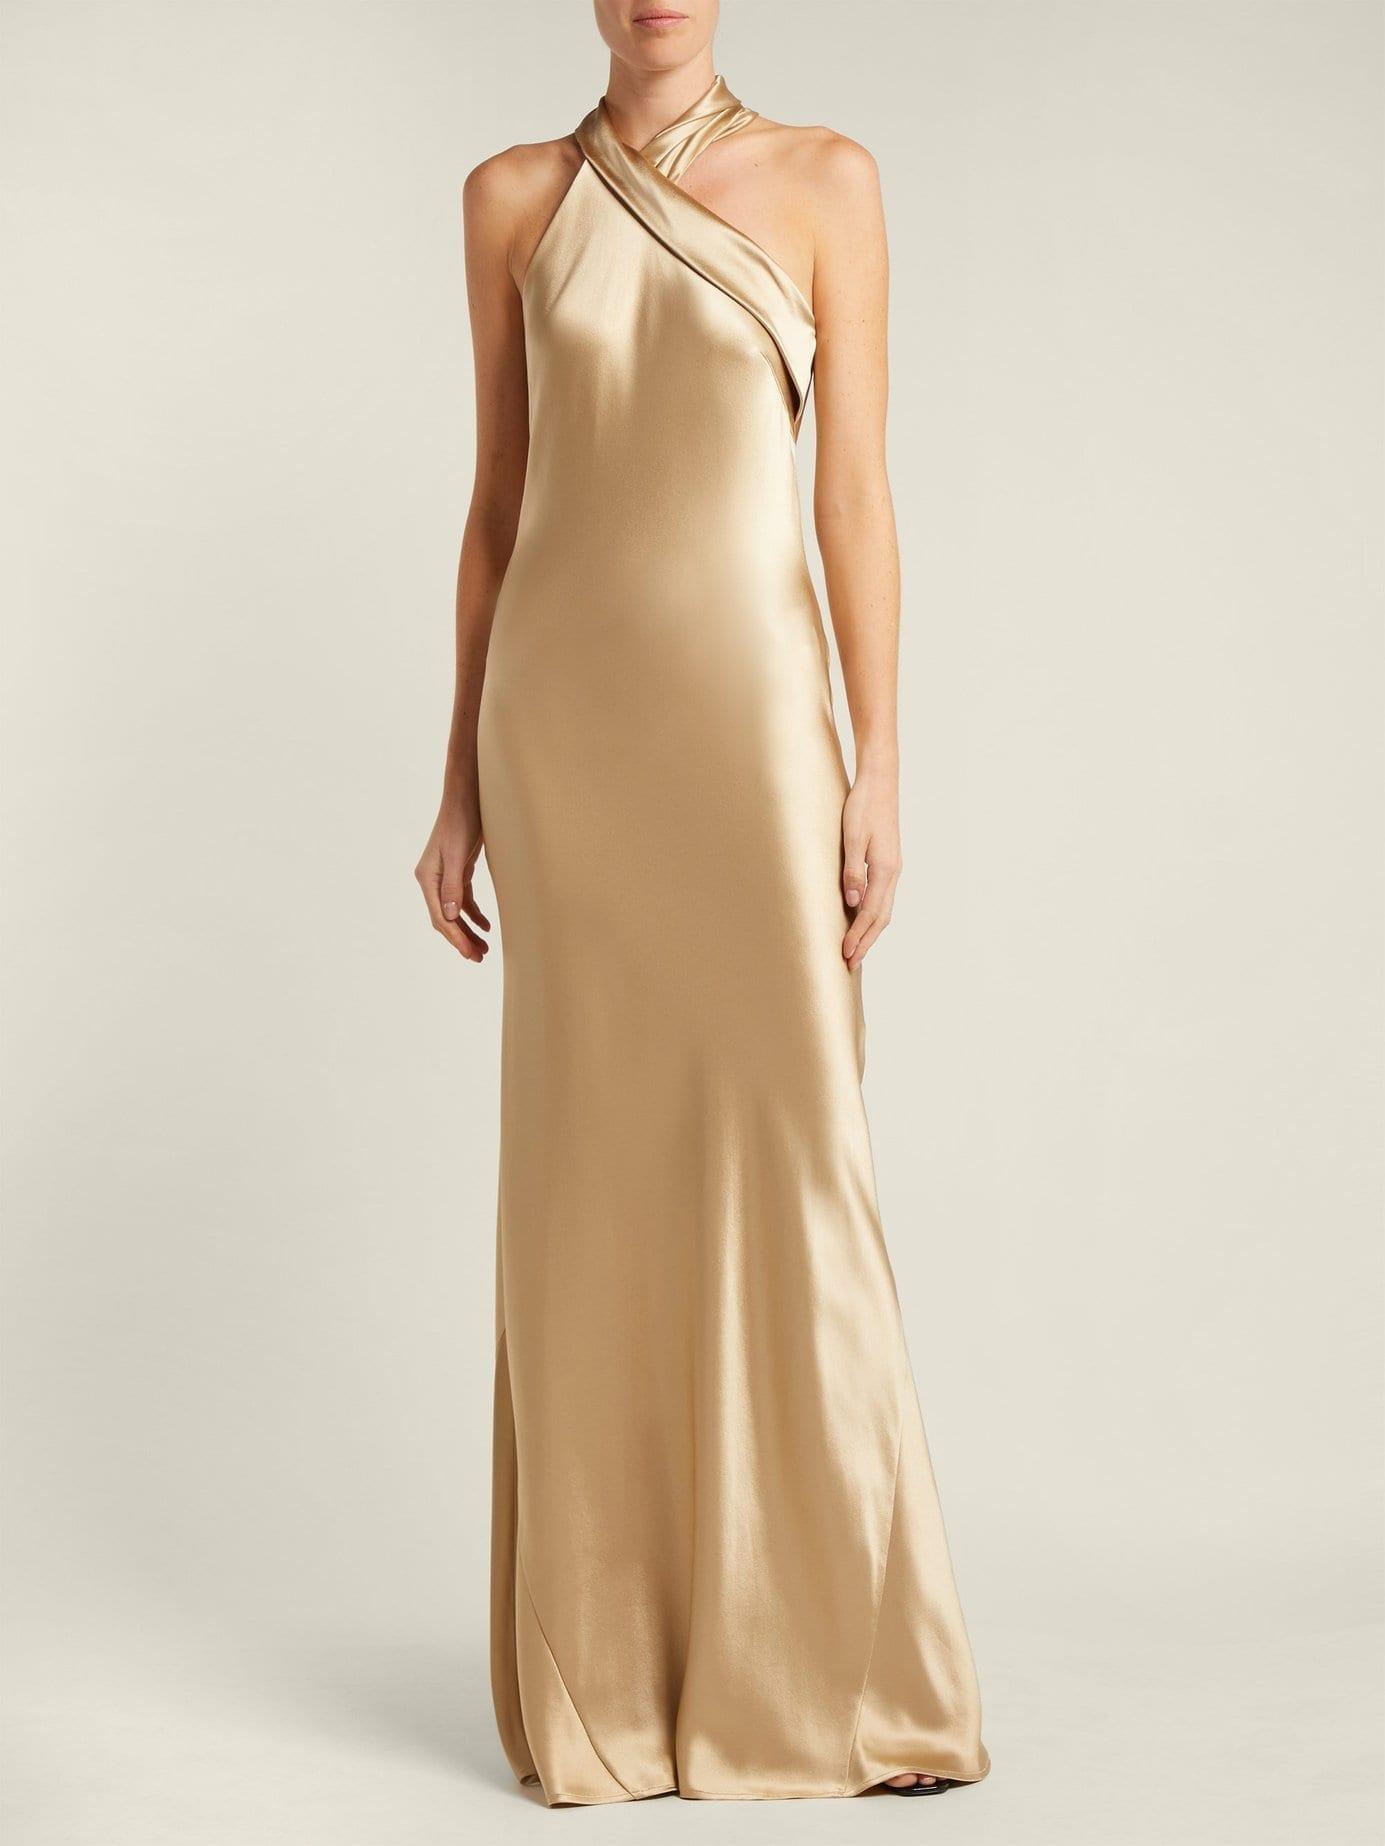 GALVAN Pandora Silk Satin Halterneck Gold Gown